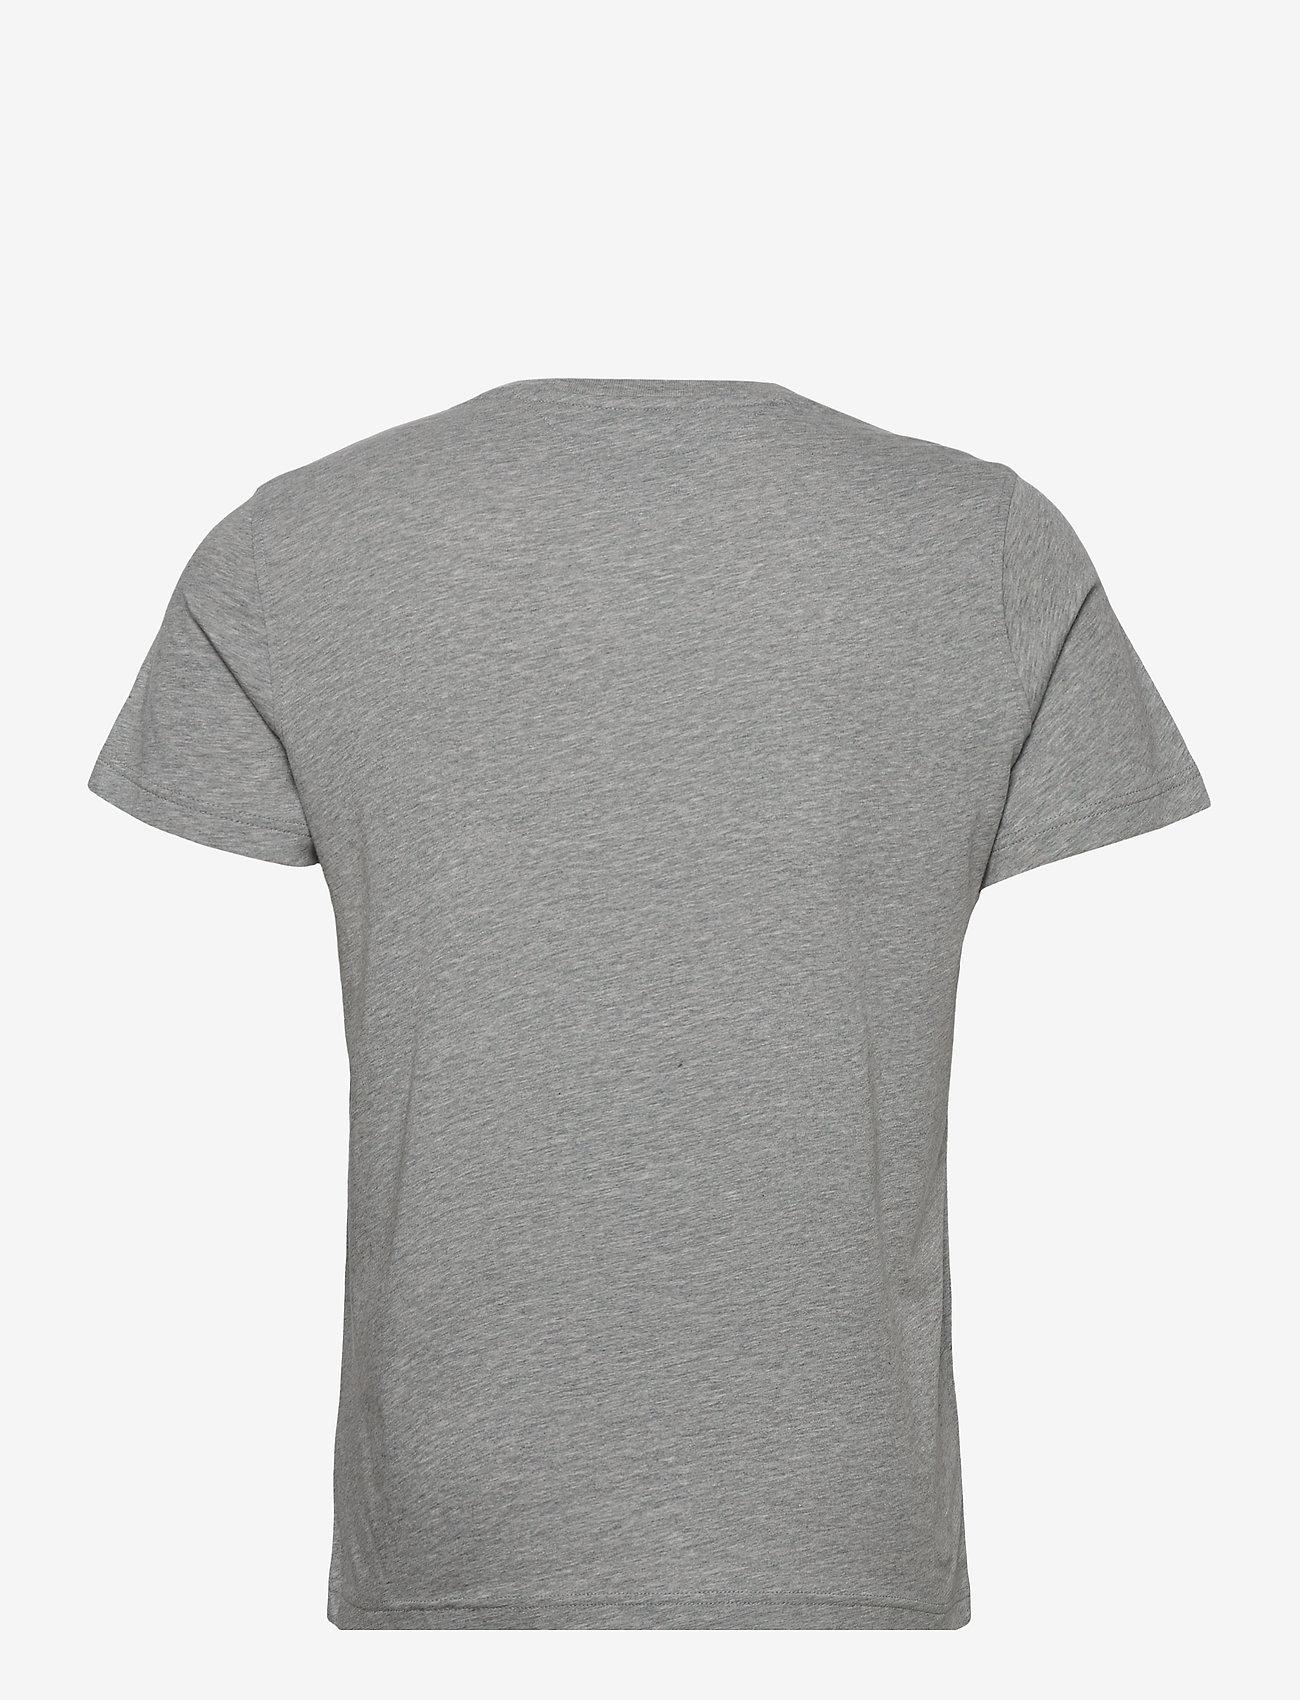 Tommy Jeans - TJM ORIGINAL JERSEY V NECK TEE - basic t-shirts - lt grey htr - 1